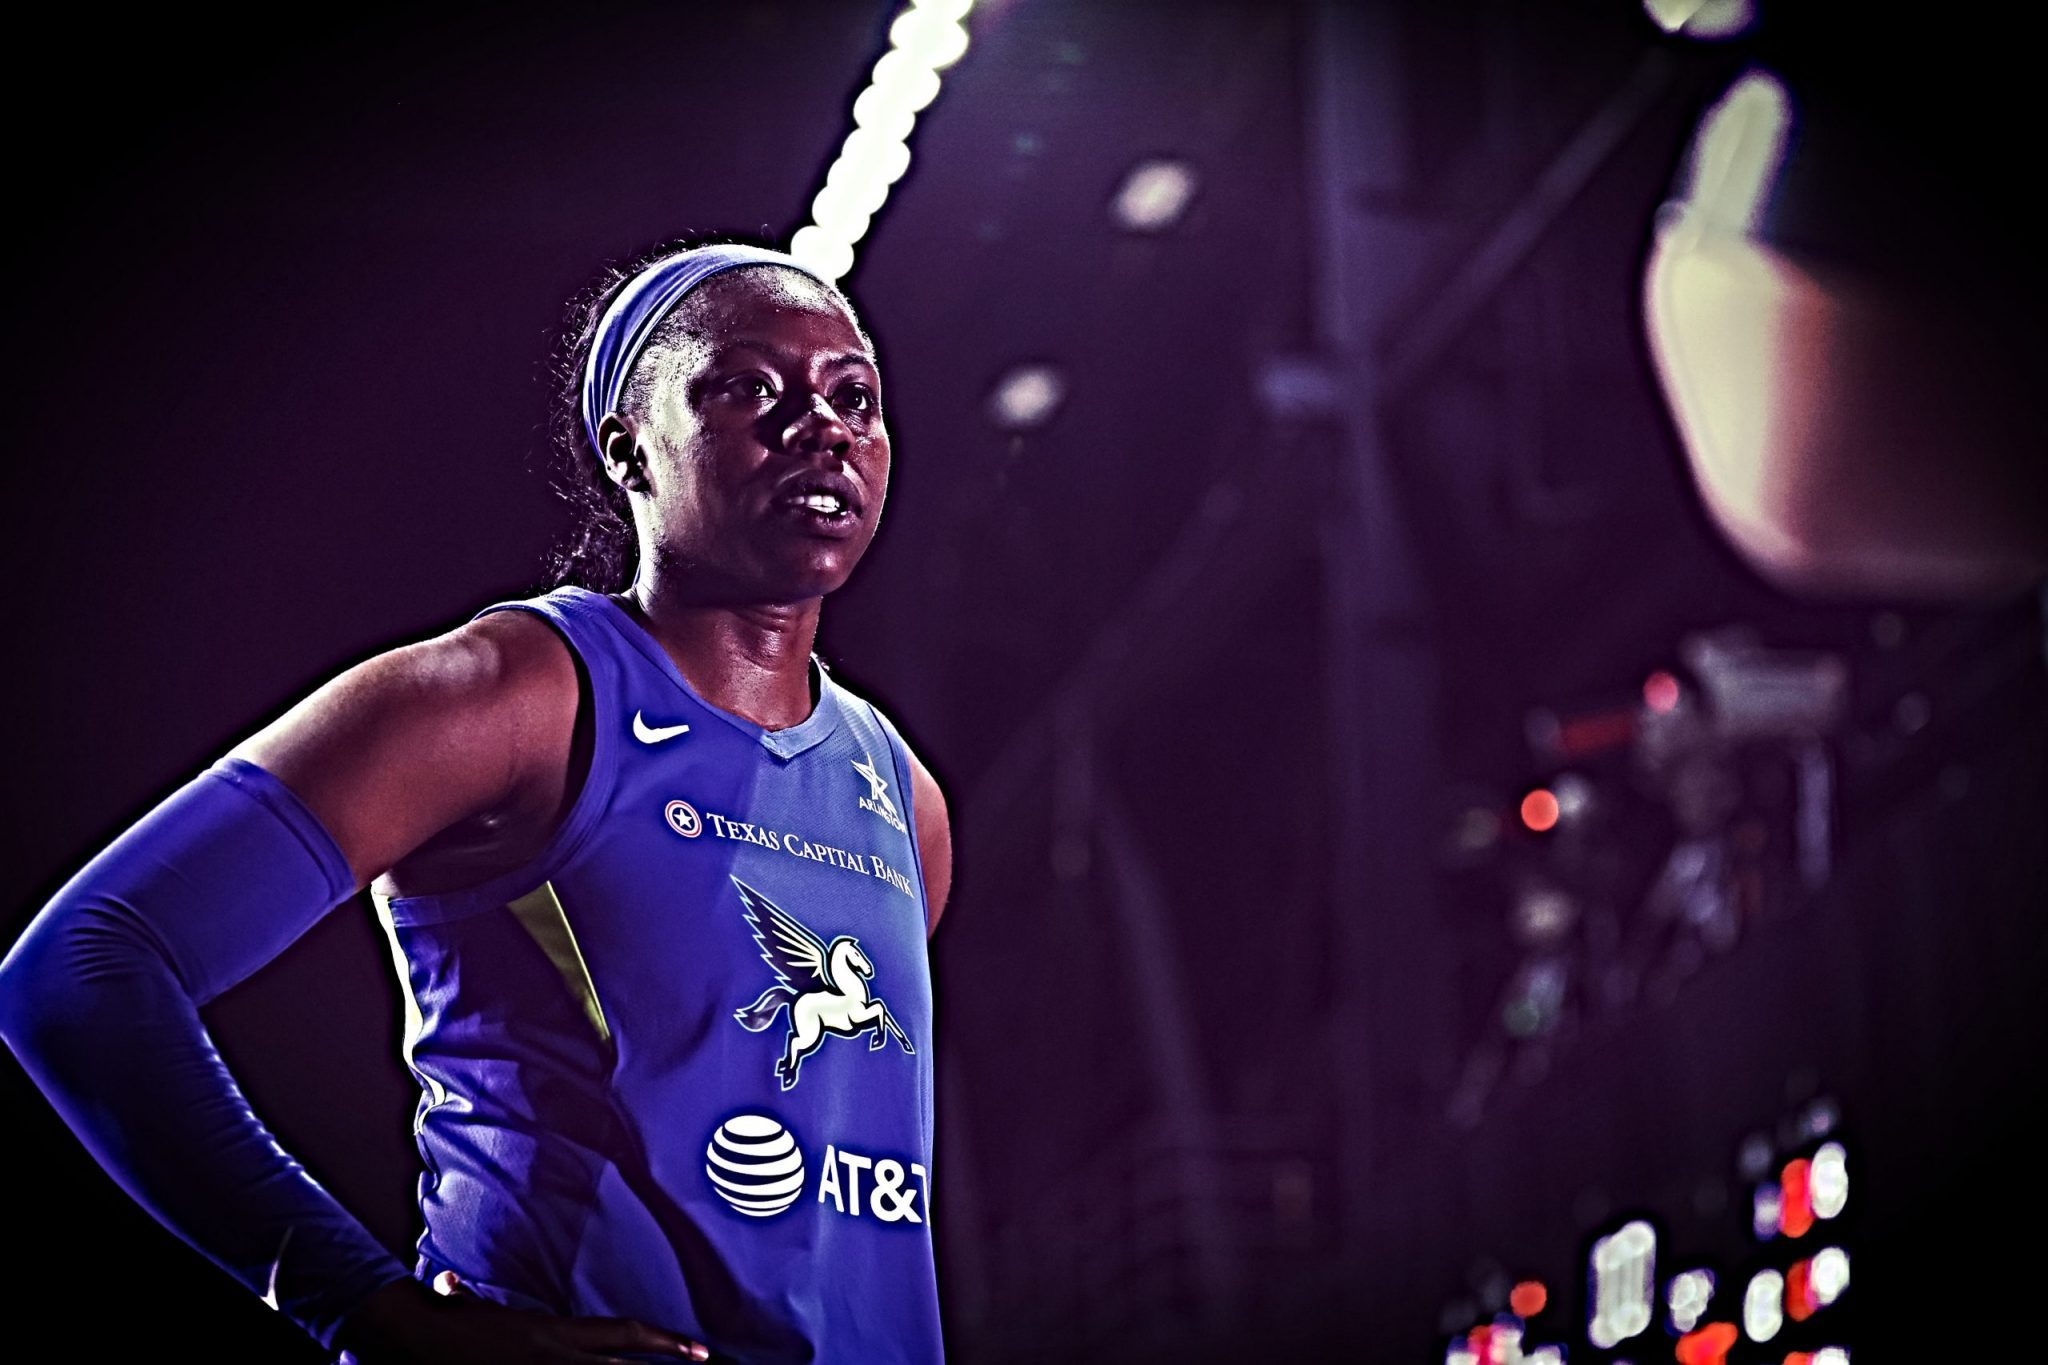 Arike Ogunbowale, la compañera de Astou Ndour que es todo un fenómeno en la WNBA